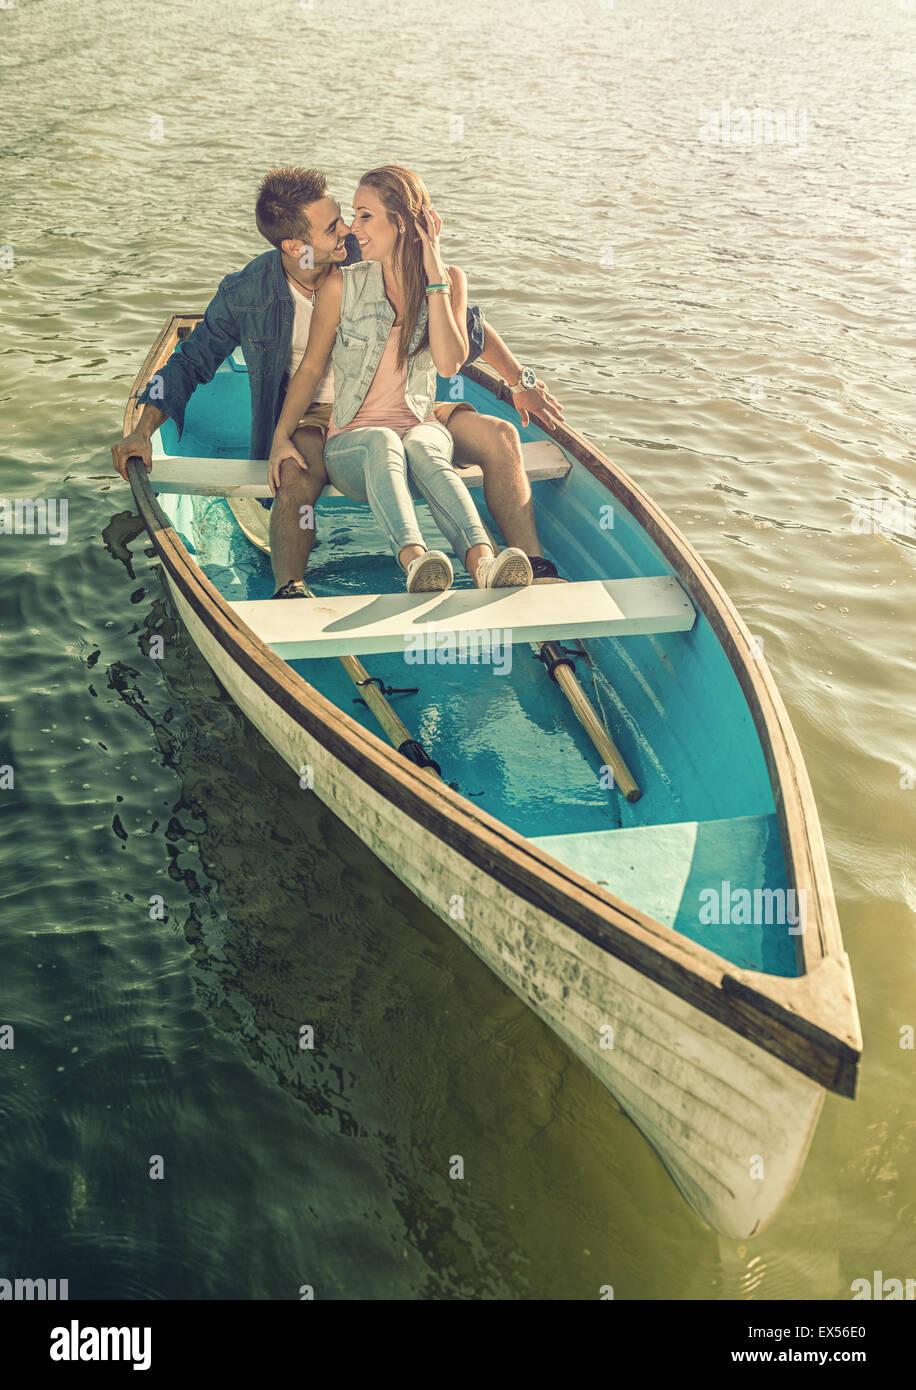 Matura in amore sulla barca - kissing Immagini Stock